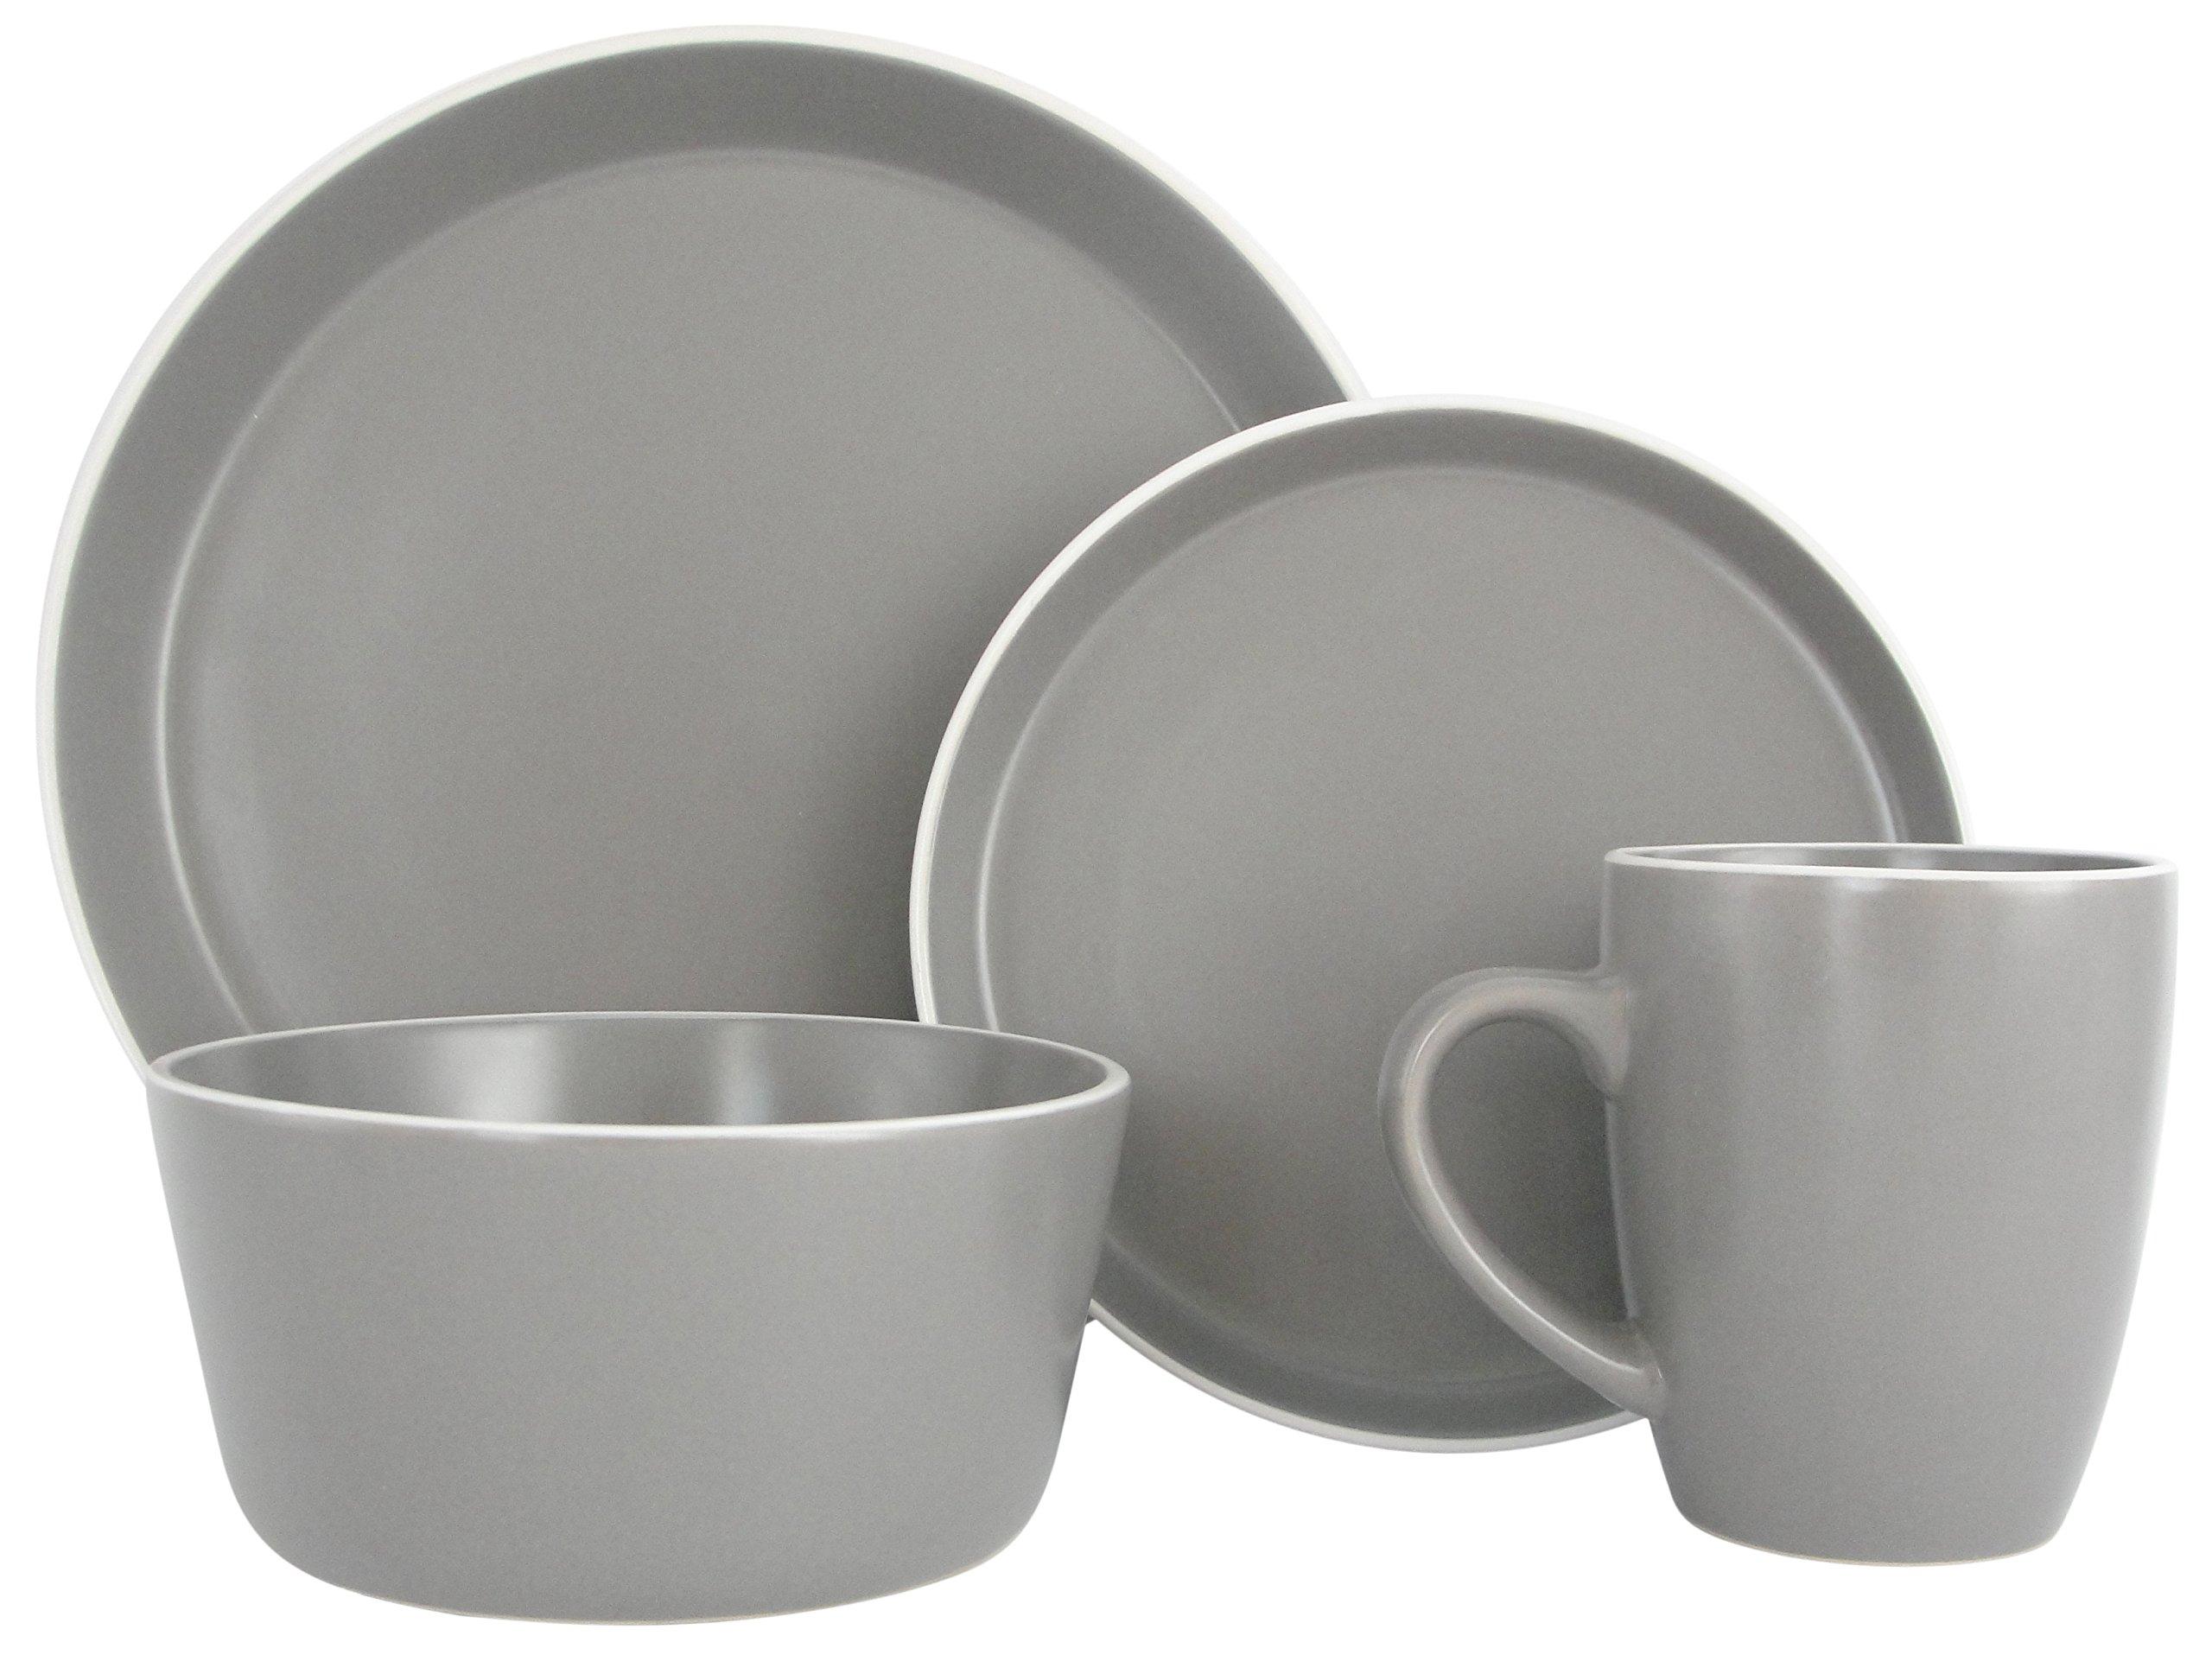 Melange Stoneware 32-Piece Dinnerware Set (Moderno Grey) | Service for 8| Microwave, Dishwasher & Oven Safe | Dinner Plate, Salad Plate, Soup Bowl & Mug (8 Each)